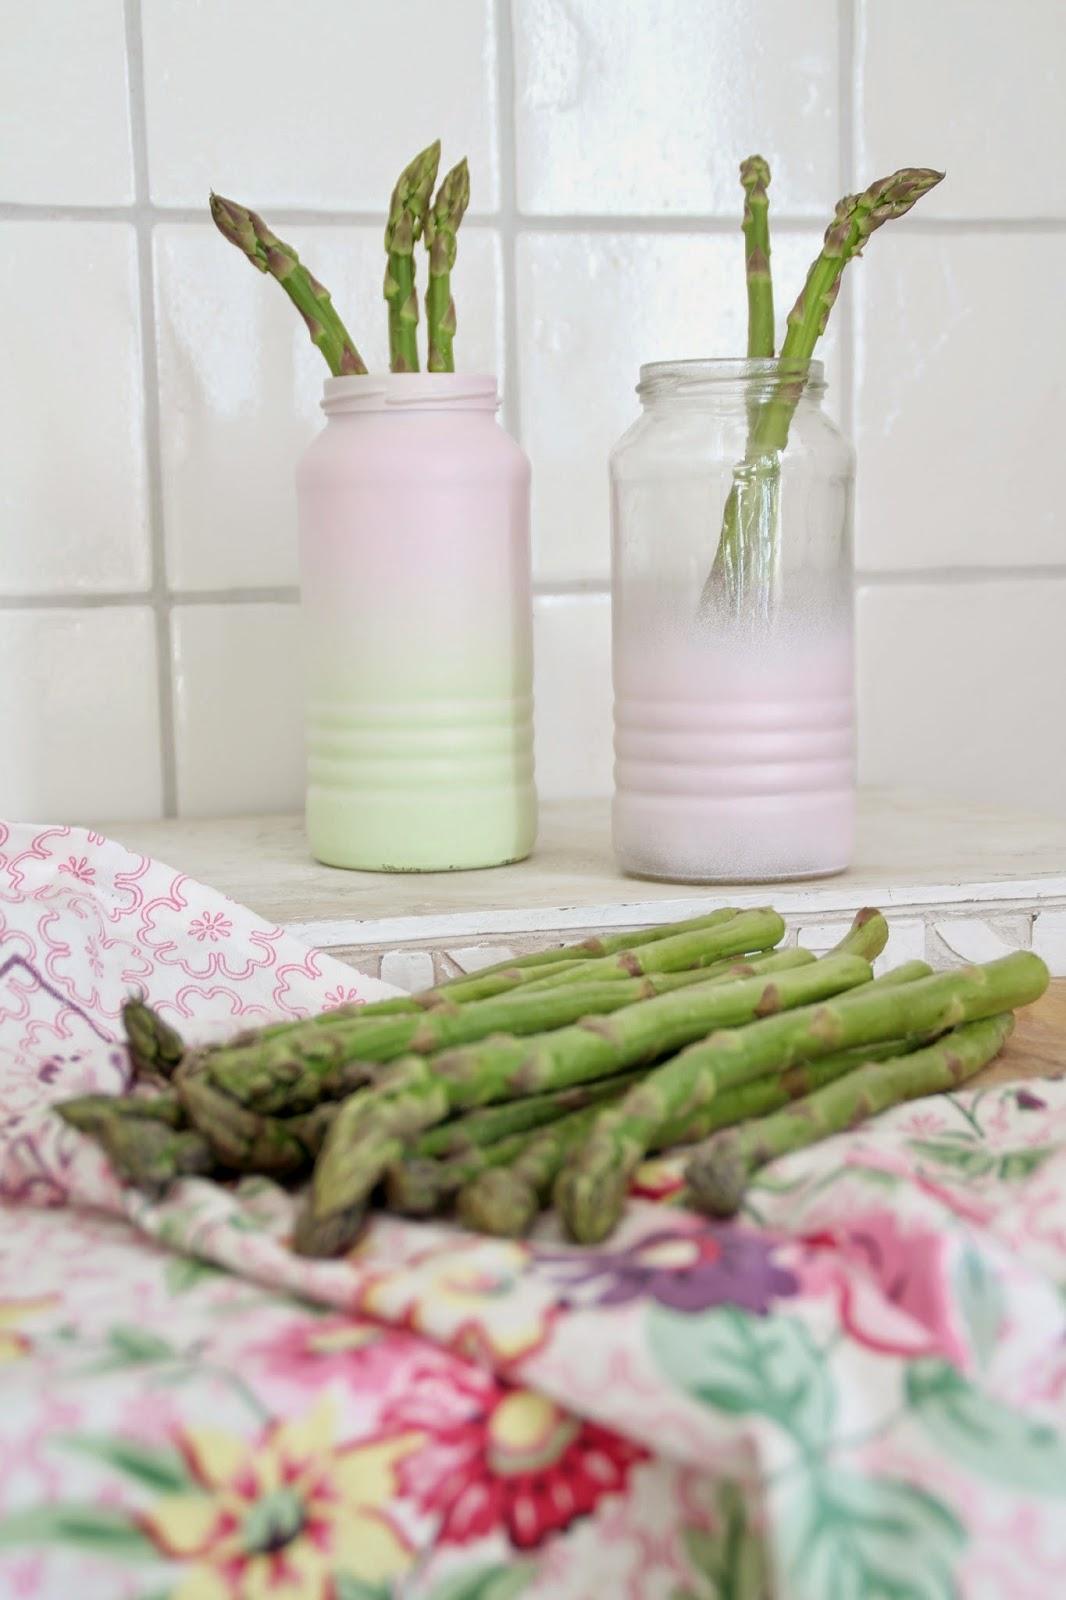 Pastellige Bohnengläser mit Spargel statt Blumen im Hintergrund im Vordergrund Spargel auf einem blumigen GreenGate Geschirrtuch